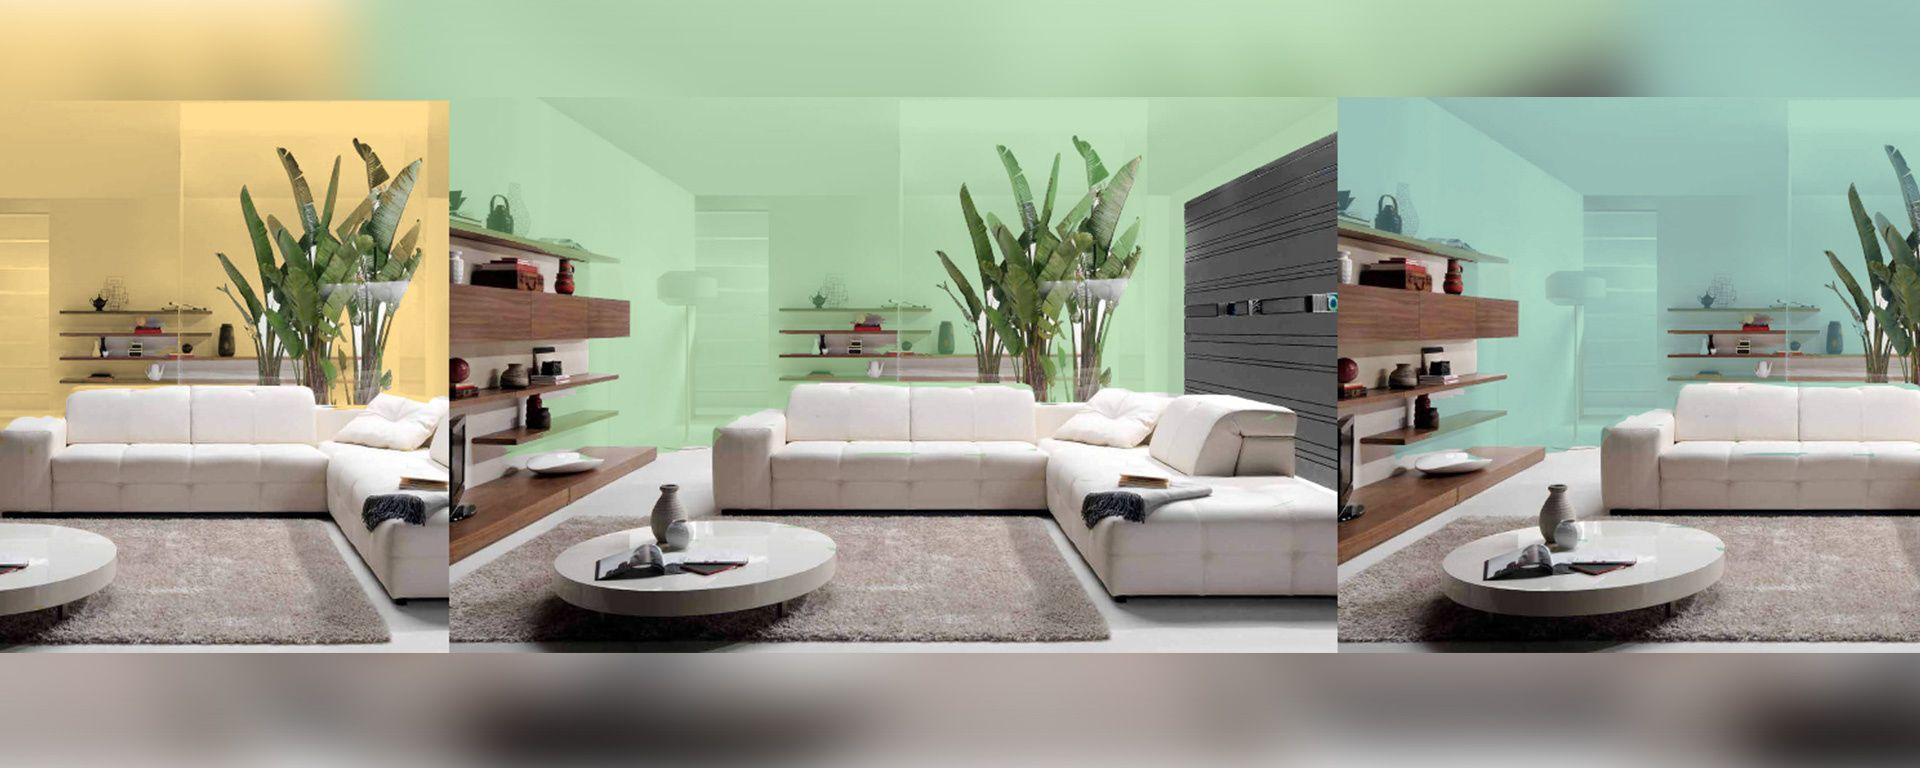 come cambiare colore alle pareti di casa con il simulatore